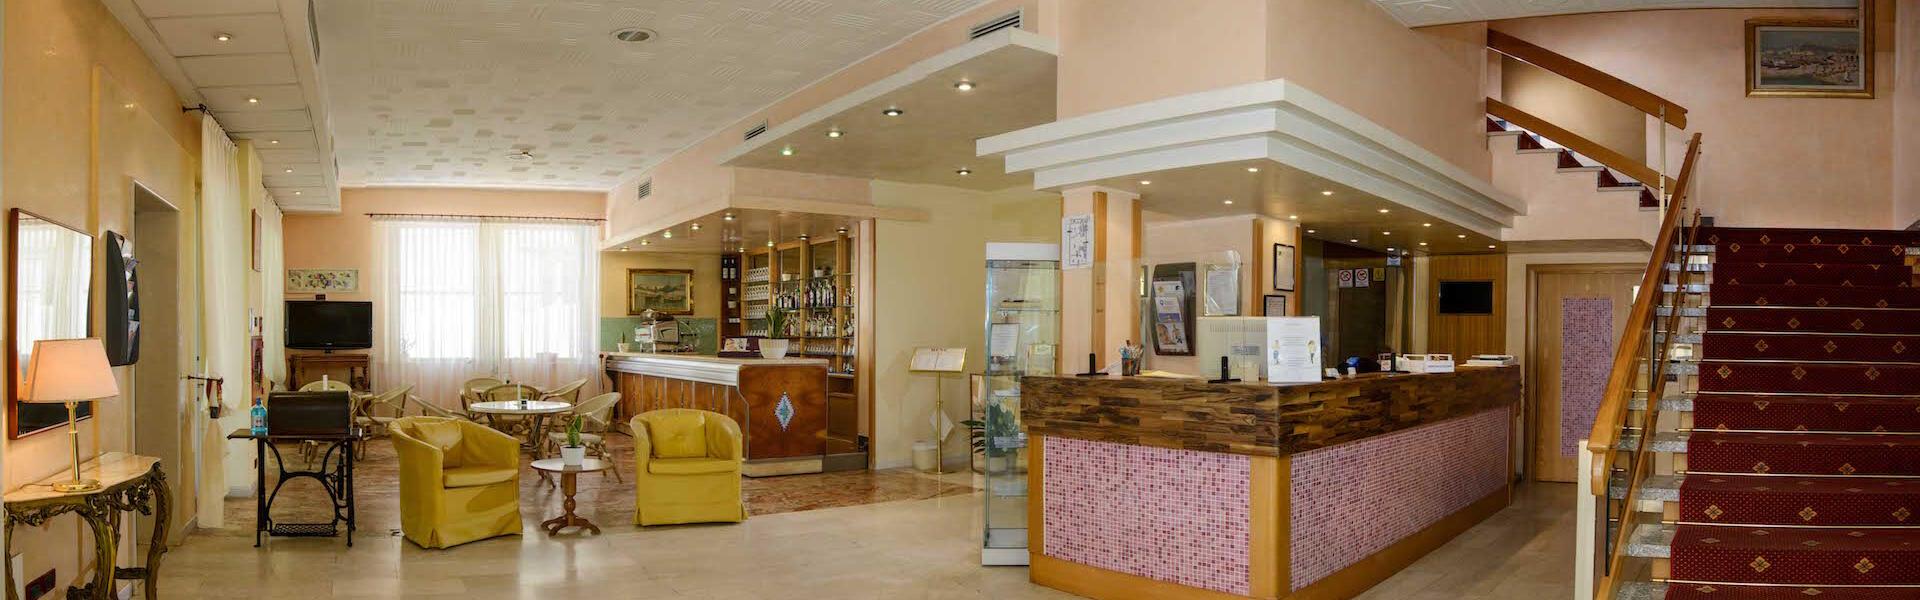 hotelkennedy it galleria 007